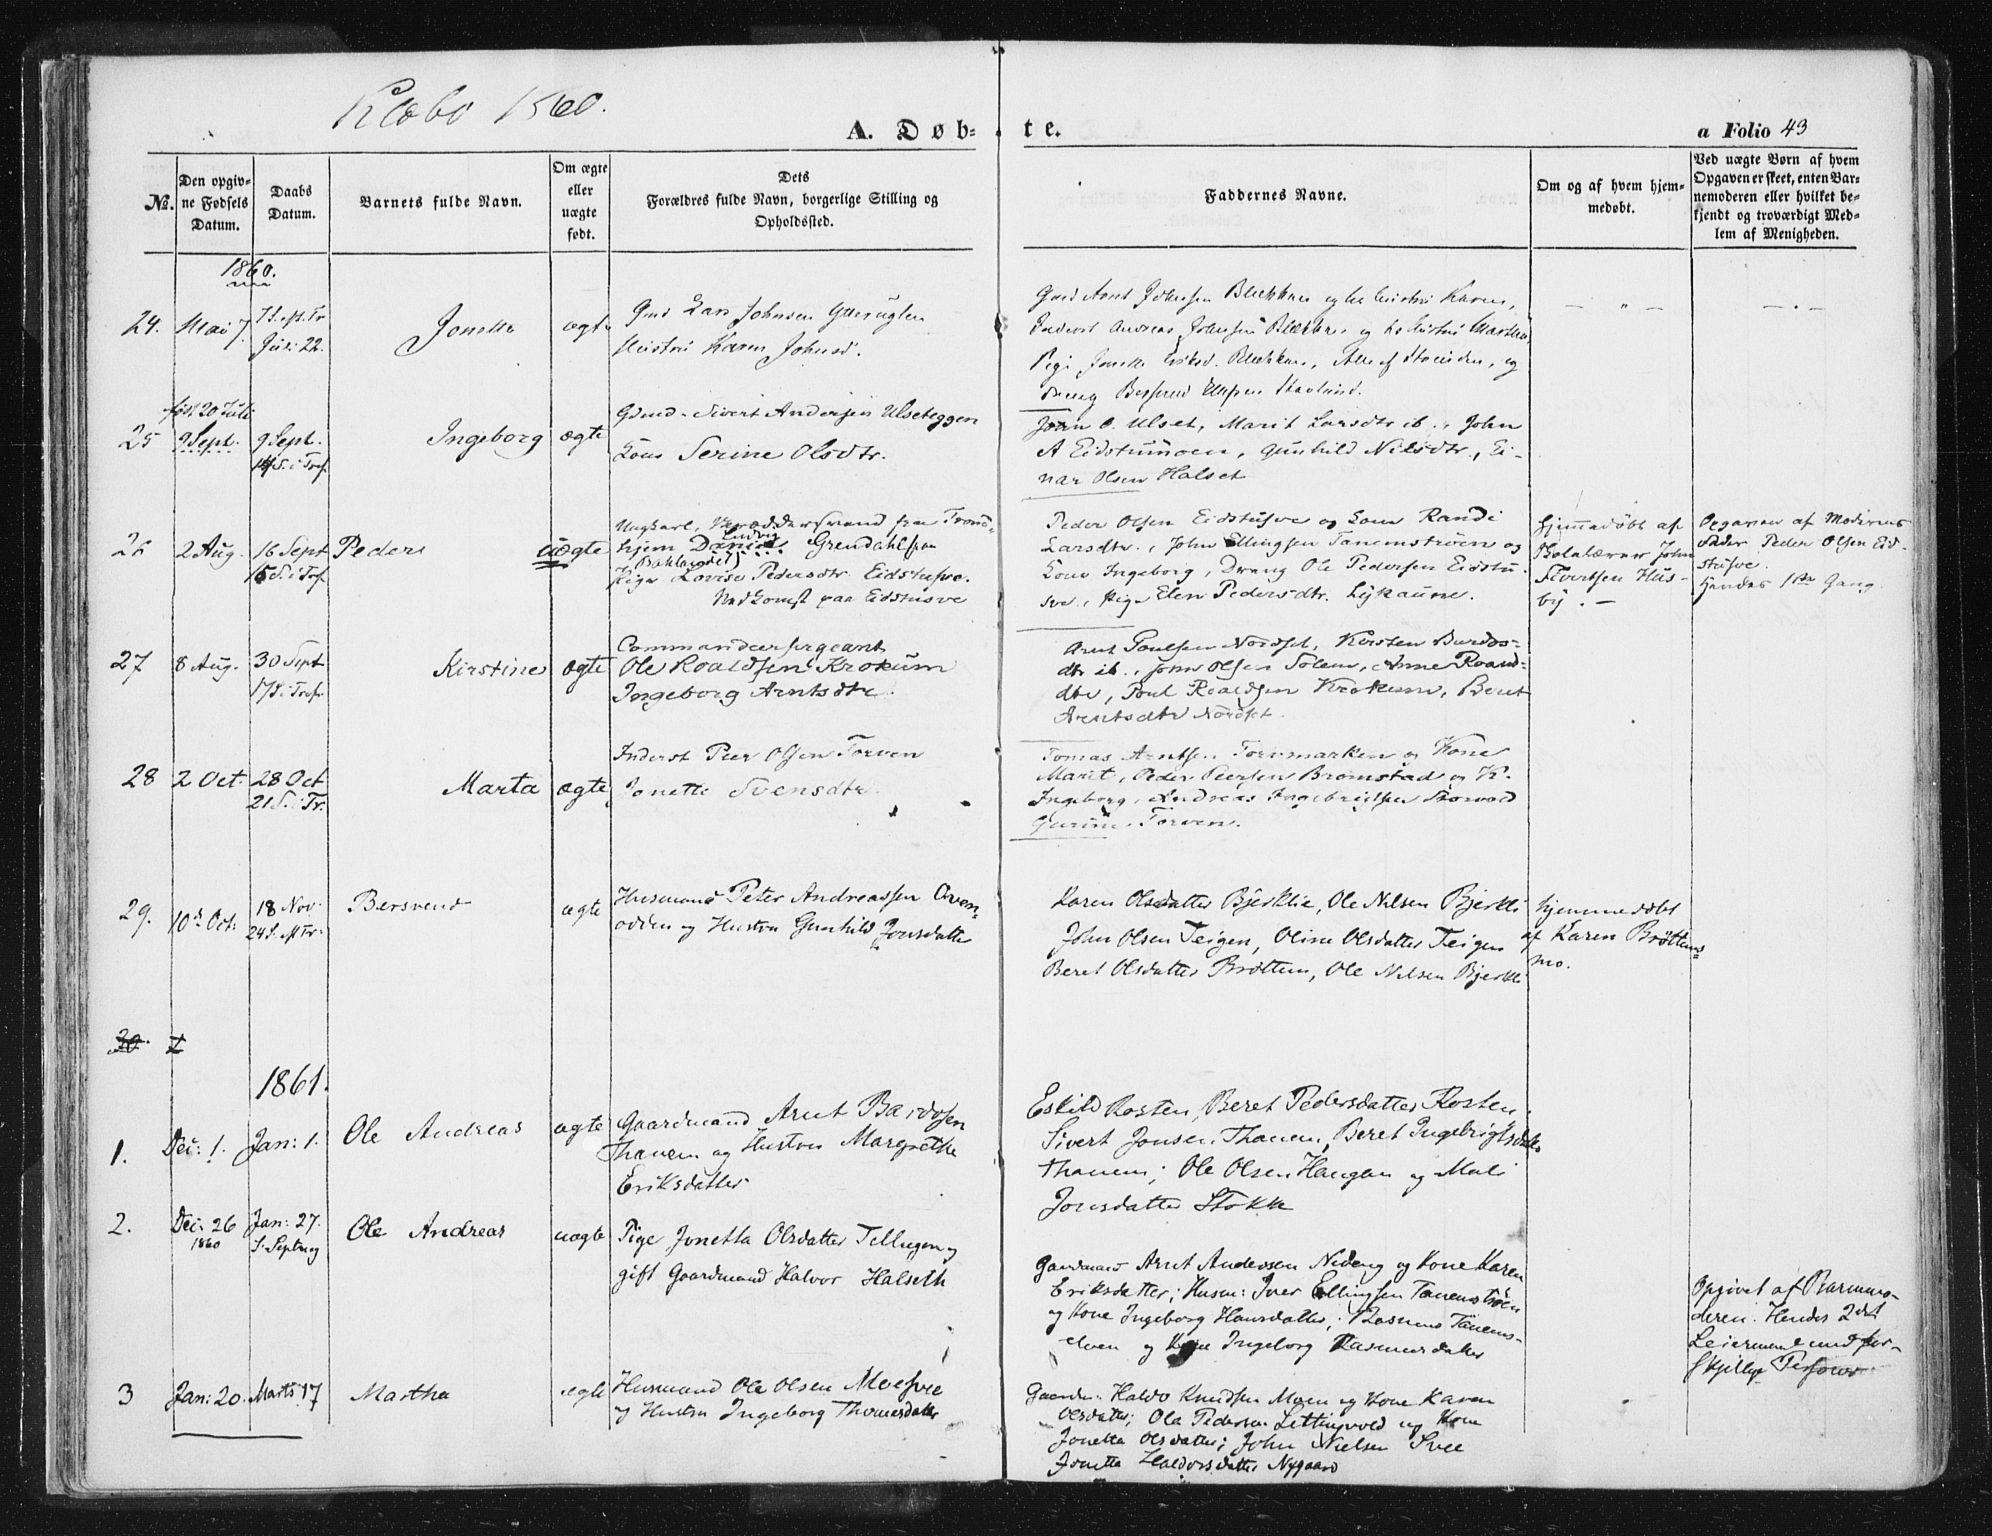 SAT, Ministerialprotokoller, klokkerbøker og fødselsregistre - Sør-Trøndelag, 618/L0441: Ministerialbok nr. 618A05, 1843-1862, s. 43